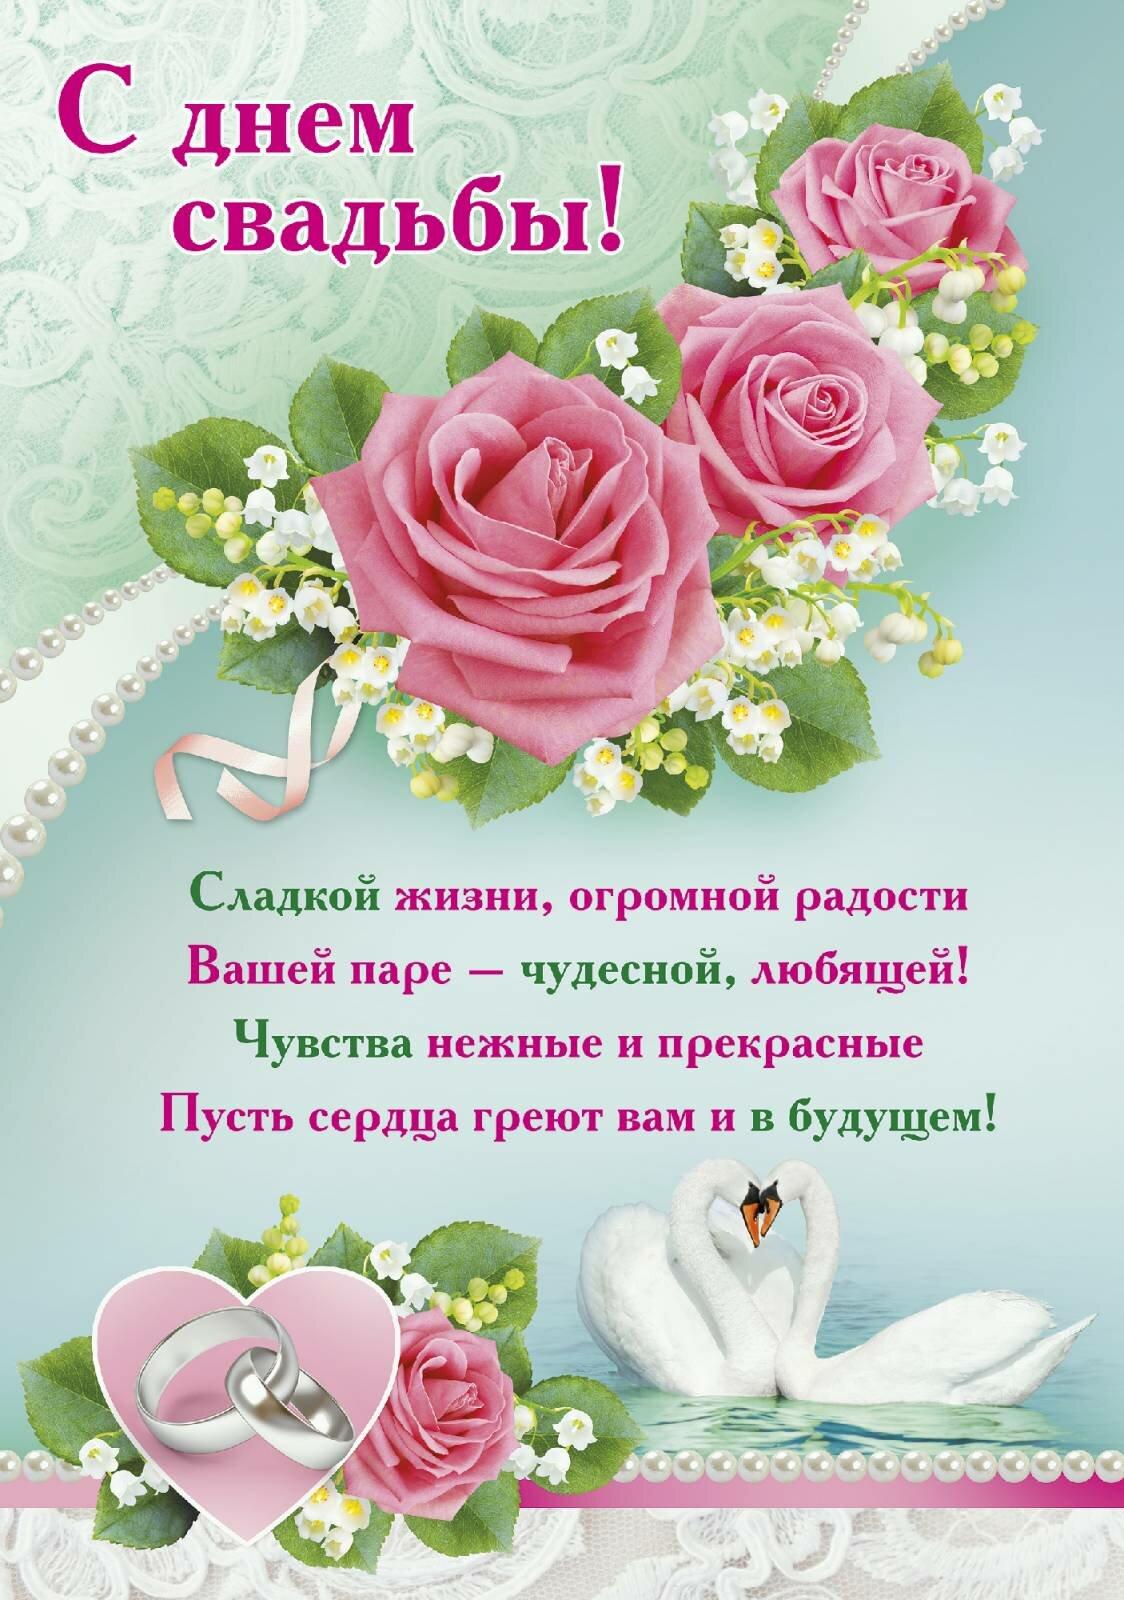 Стихи на открытках свадьба